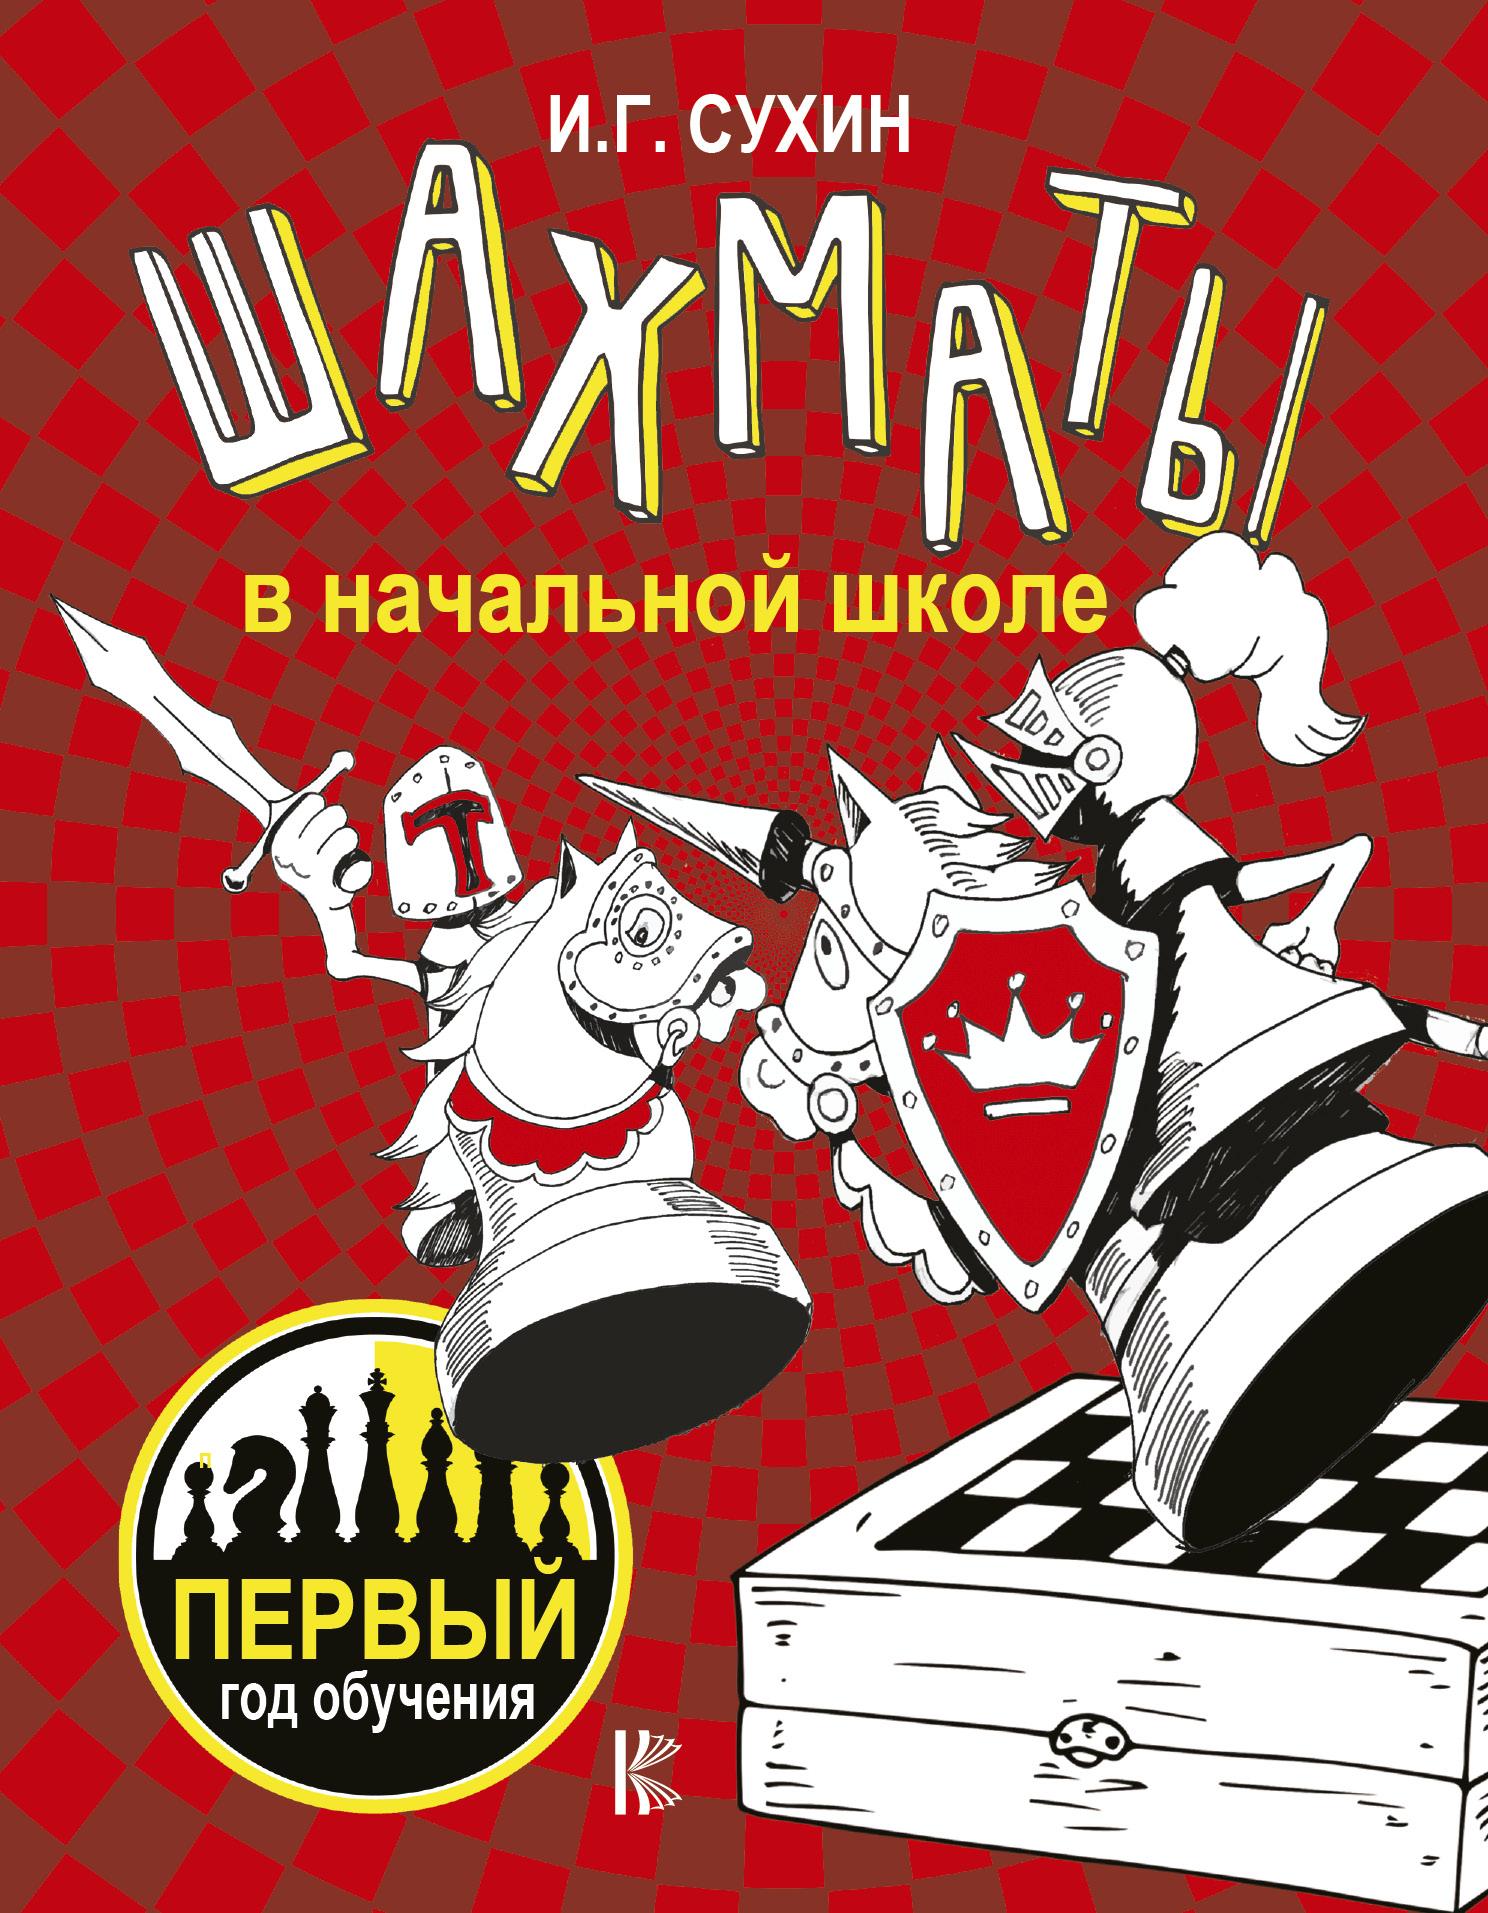 Игорь Сухин Шахматы в начальной школе. Первый год обучения цена